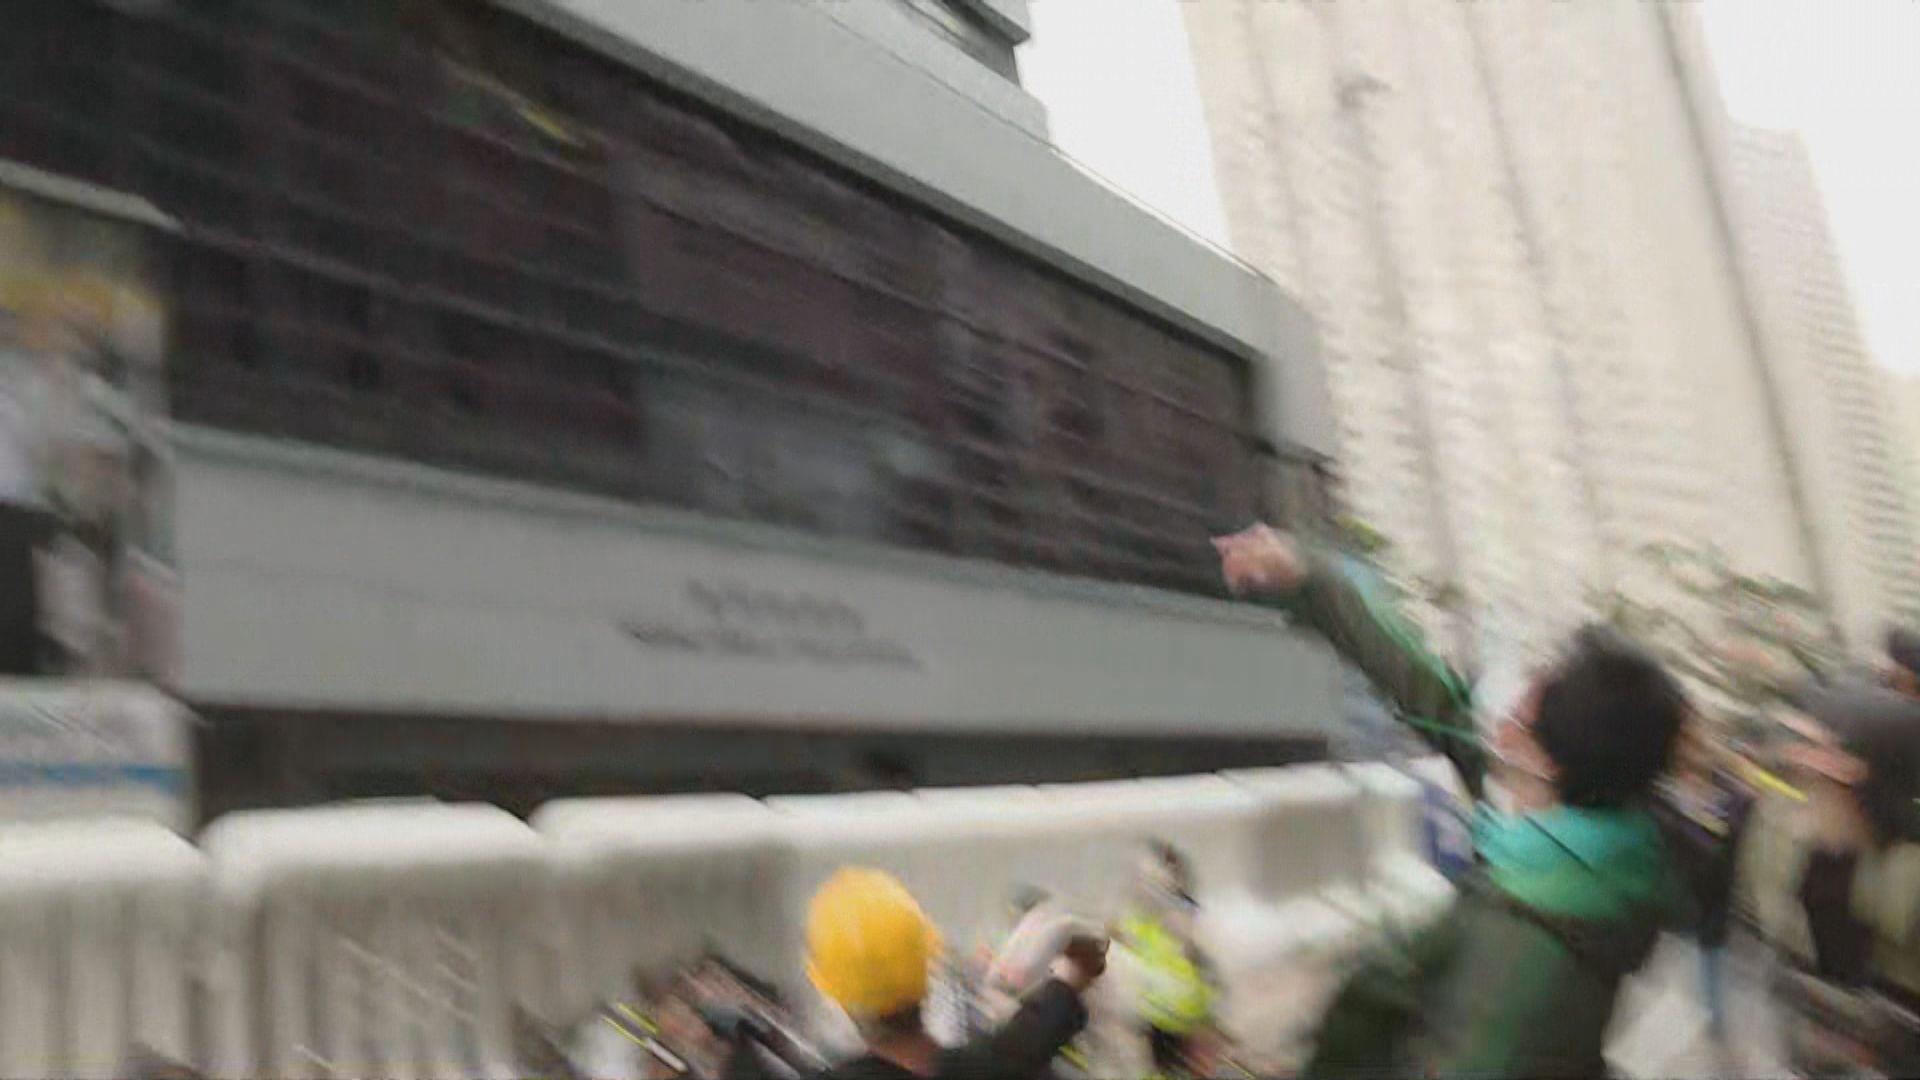 【將軍澳遊行】遊行期間示威者拆除鐵欄架設路障